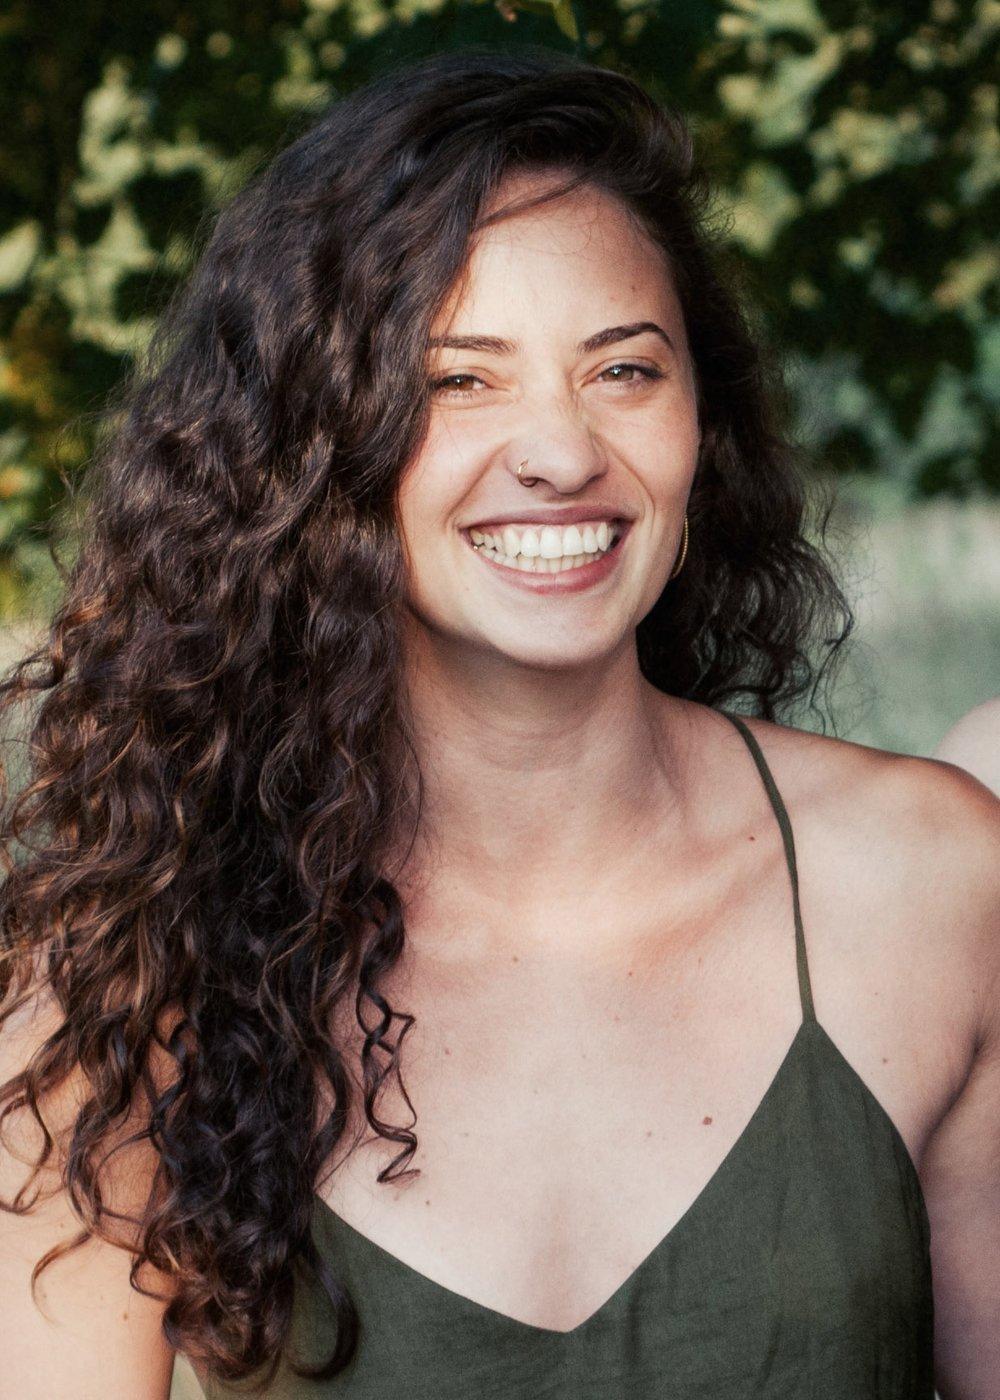 Thijsiena - Ursprünglich kommt Thijsiena auch aus Kassel, wohnt aber nun schon seit einiger Zeit im Großstadtdschungel von Berlin, wo sie Fotodesign studiert. Sie lernte Marina vor 10 Jahren kennen und seitdem verbindet sie eine enge Freundschaft. Wann immer sie es sich erlauben kann, packt sie ihren Rucksack und tingelt durch die Weltgeschichte. Dabei reist sie bevorzugt durch Südostasien. Wenn sie nicht unterwegs ist, macht sie in ihrer Freizeit leidenschaftlich gerne Sport, vor allem Kampfsport und Yoga. Am wichtigsten sind ihr aber ihre Freunde, die mit ihr gemeinsam durch dick und dünn gehen und sich mit ihr immer wieder in neue Abenteuer stürzen. Außerdem hätte sie liebend gerne selbst Katzen, nimmt aber zur Zeit mit Marinas Katzen vorlieb, die sie immer besucht, wenn sie in Kassel ist.